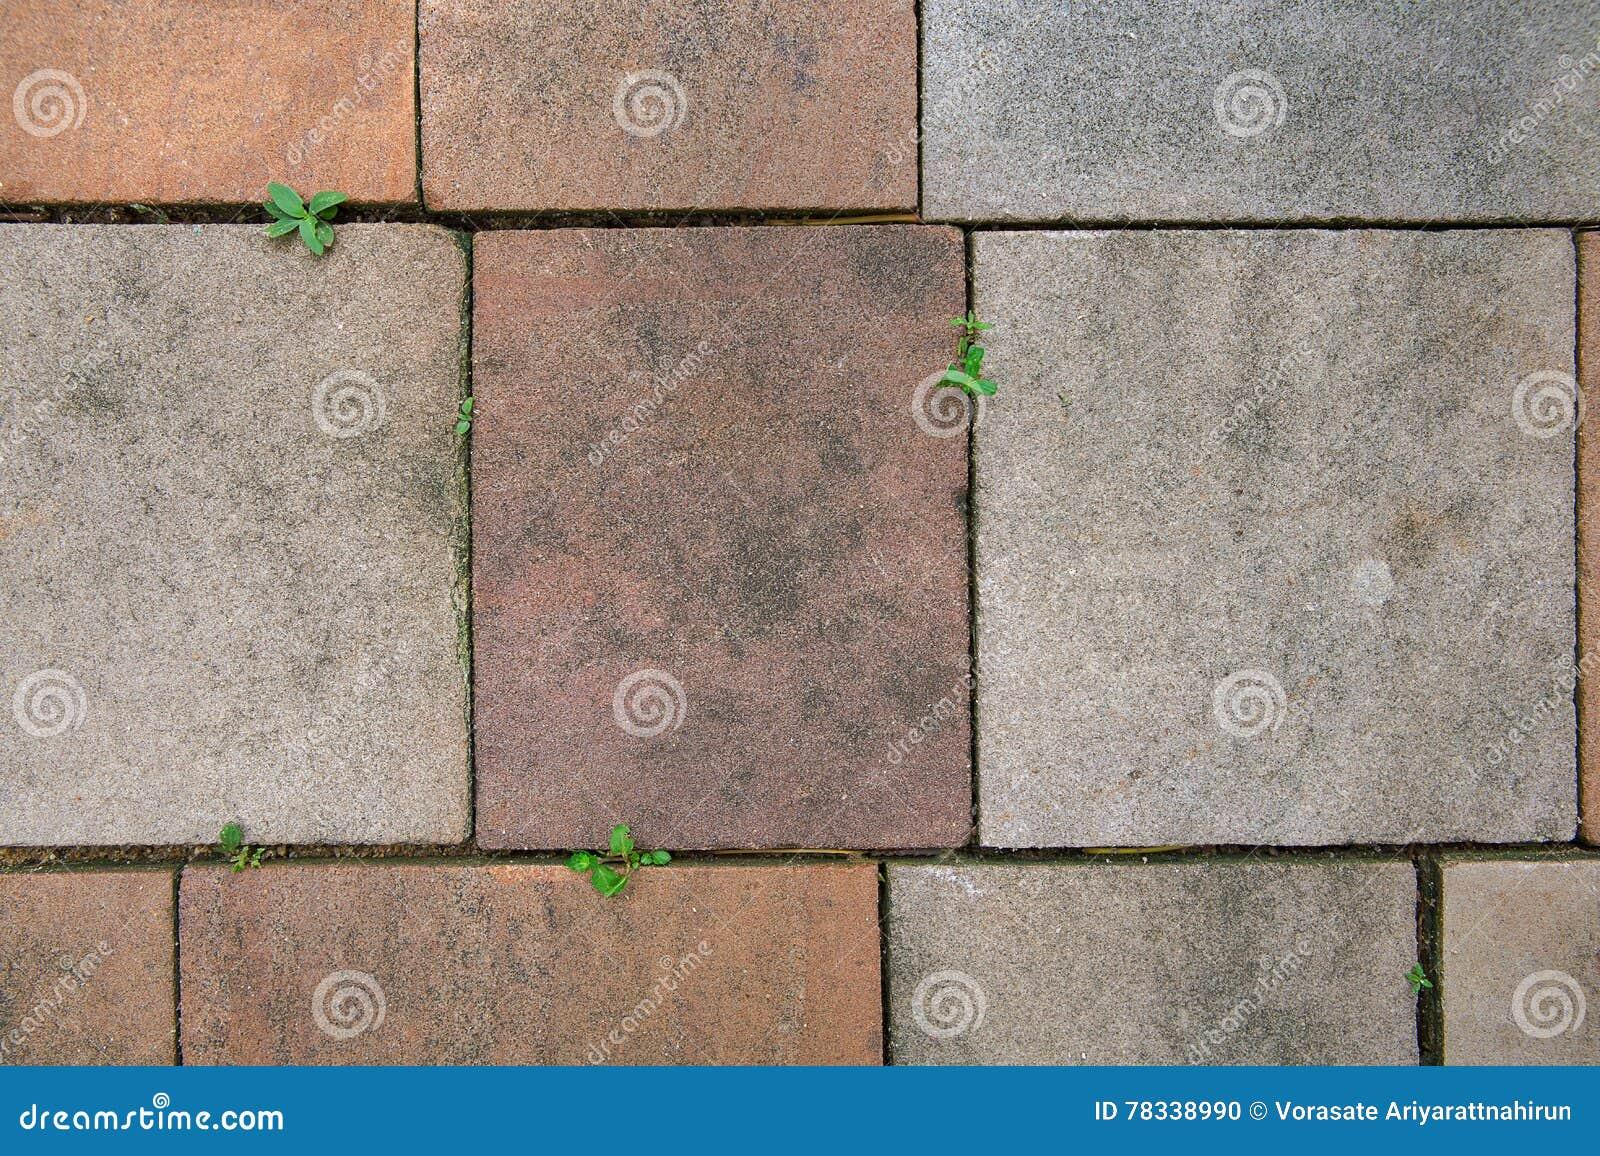 Fondo senza cuciture e struttura della piastrella per pavimento di